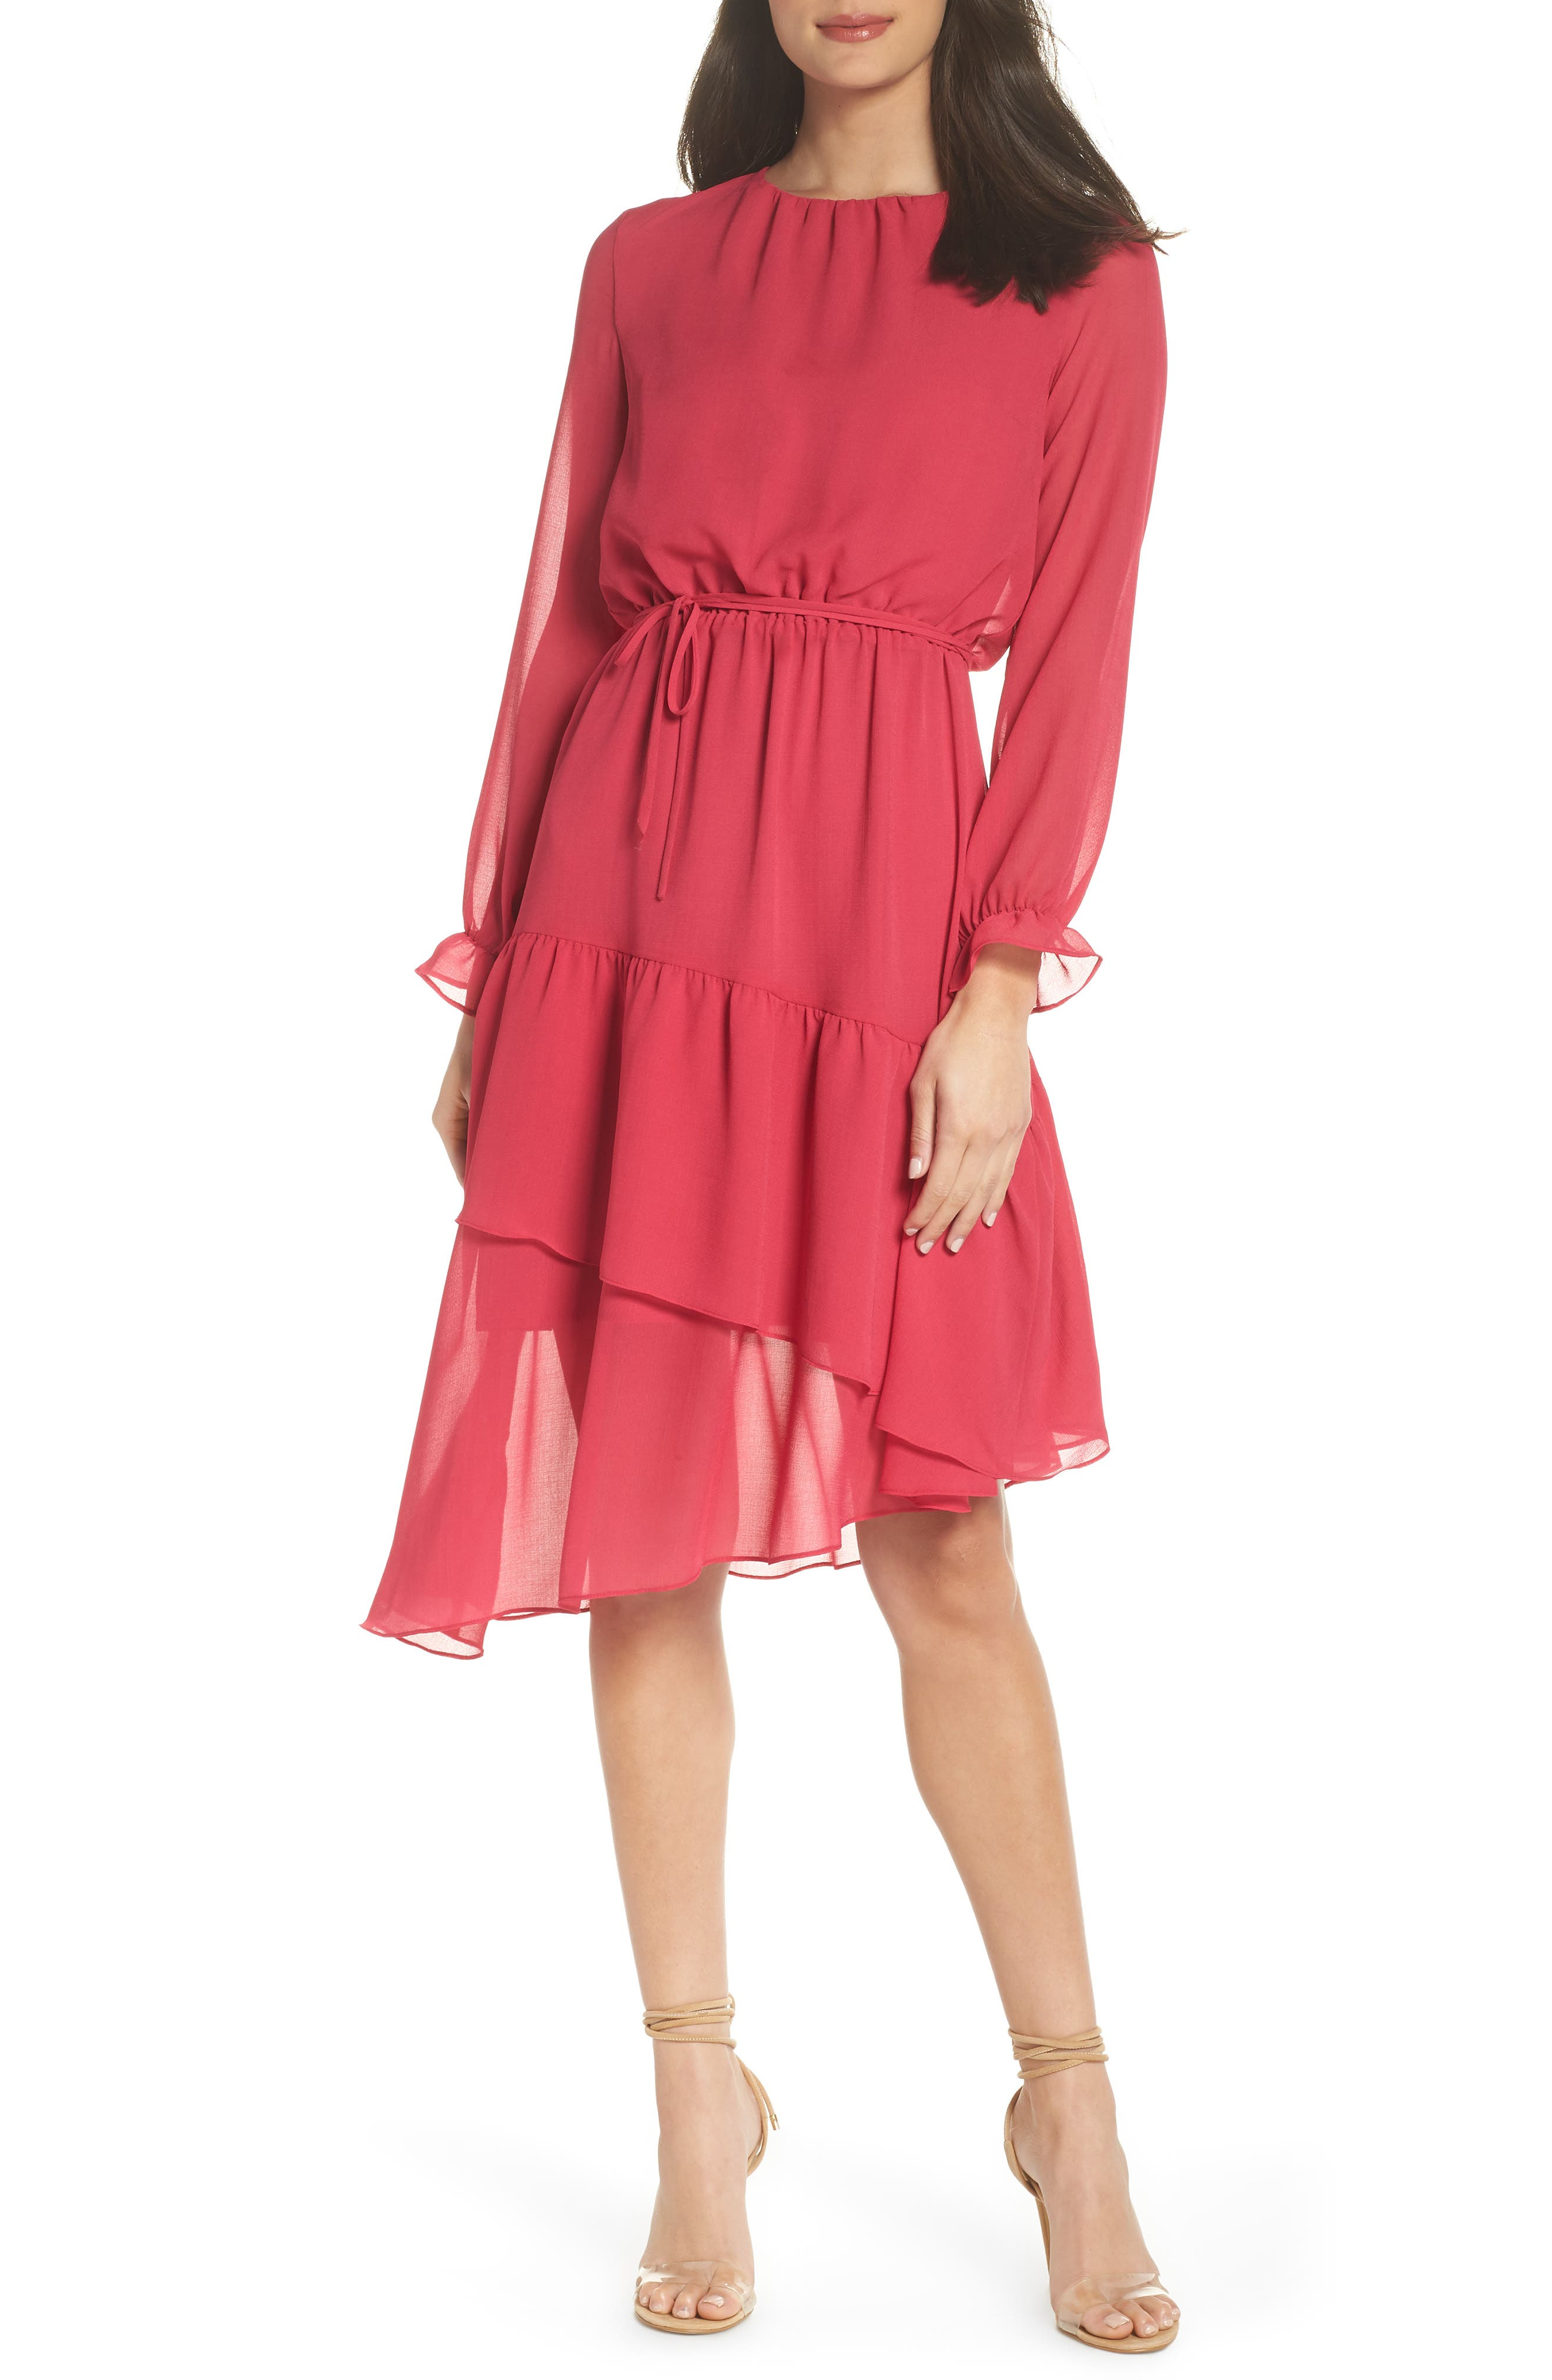 Hadley Asymmetric Chiffon Dress, Fuchsia